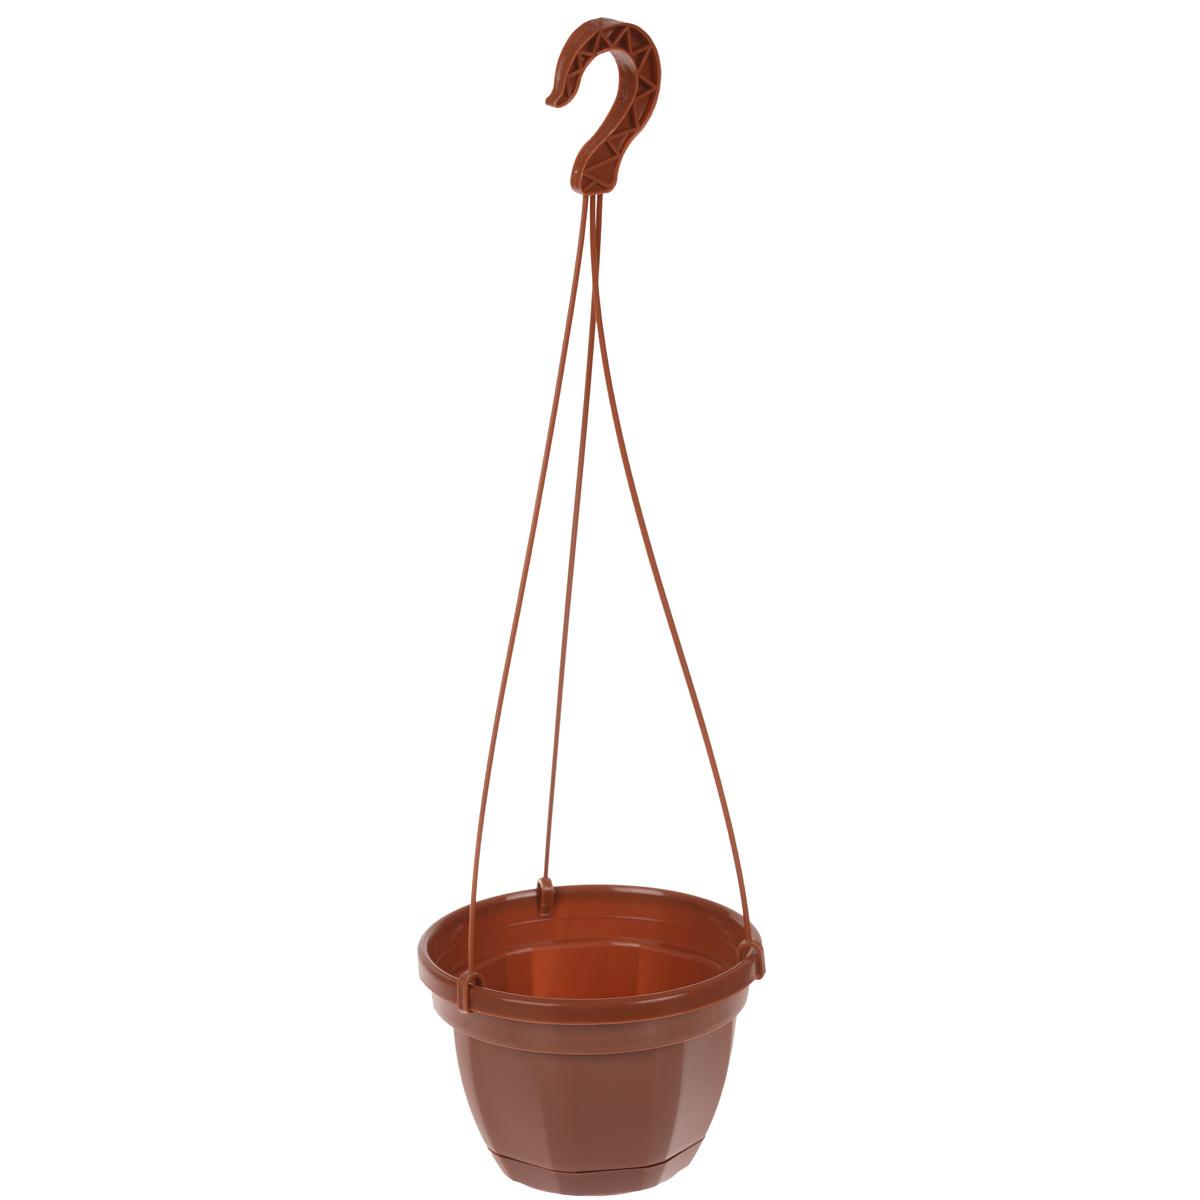 Кашпо на подвесе Инстар Ника, с поддоном, цвет: терракотовый, диаметр 17 смст071тер (ст089)Кашпо на подвесе Инстар Ника изготовлено из прочного пластика. Снабжено поддоном для стока воды. Изделие прекрасно подходит для выращивания рассады, растений и цветов в домашних условиях. Специальный подвес для крепления к стене. Стильный лаконичный дизайн впишется в интерьер любого помещения. Диаметр кашпо (по верхнему краю): 17 см. Высота кашпо: 12 см. Высота кашпо (с подвесом): 51 см.